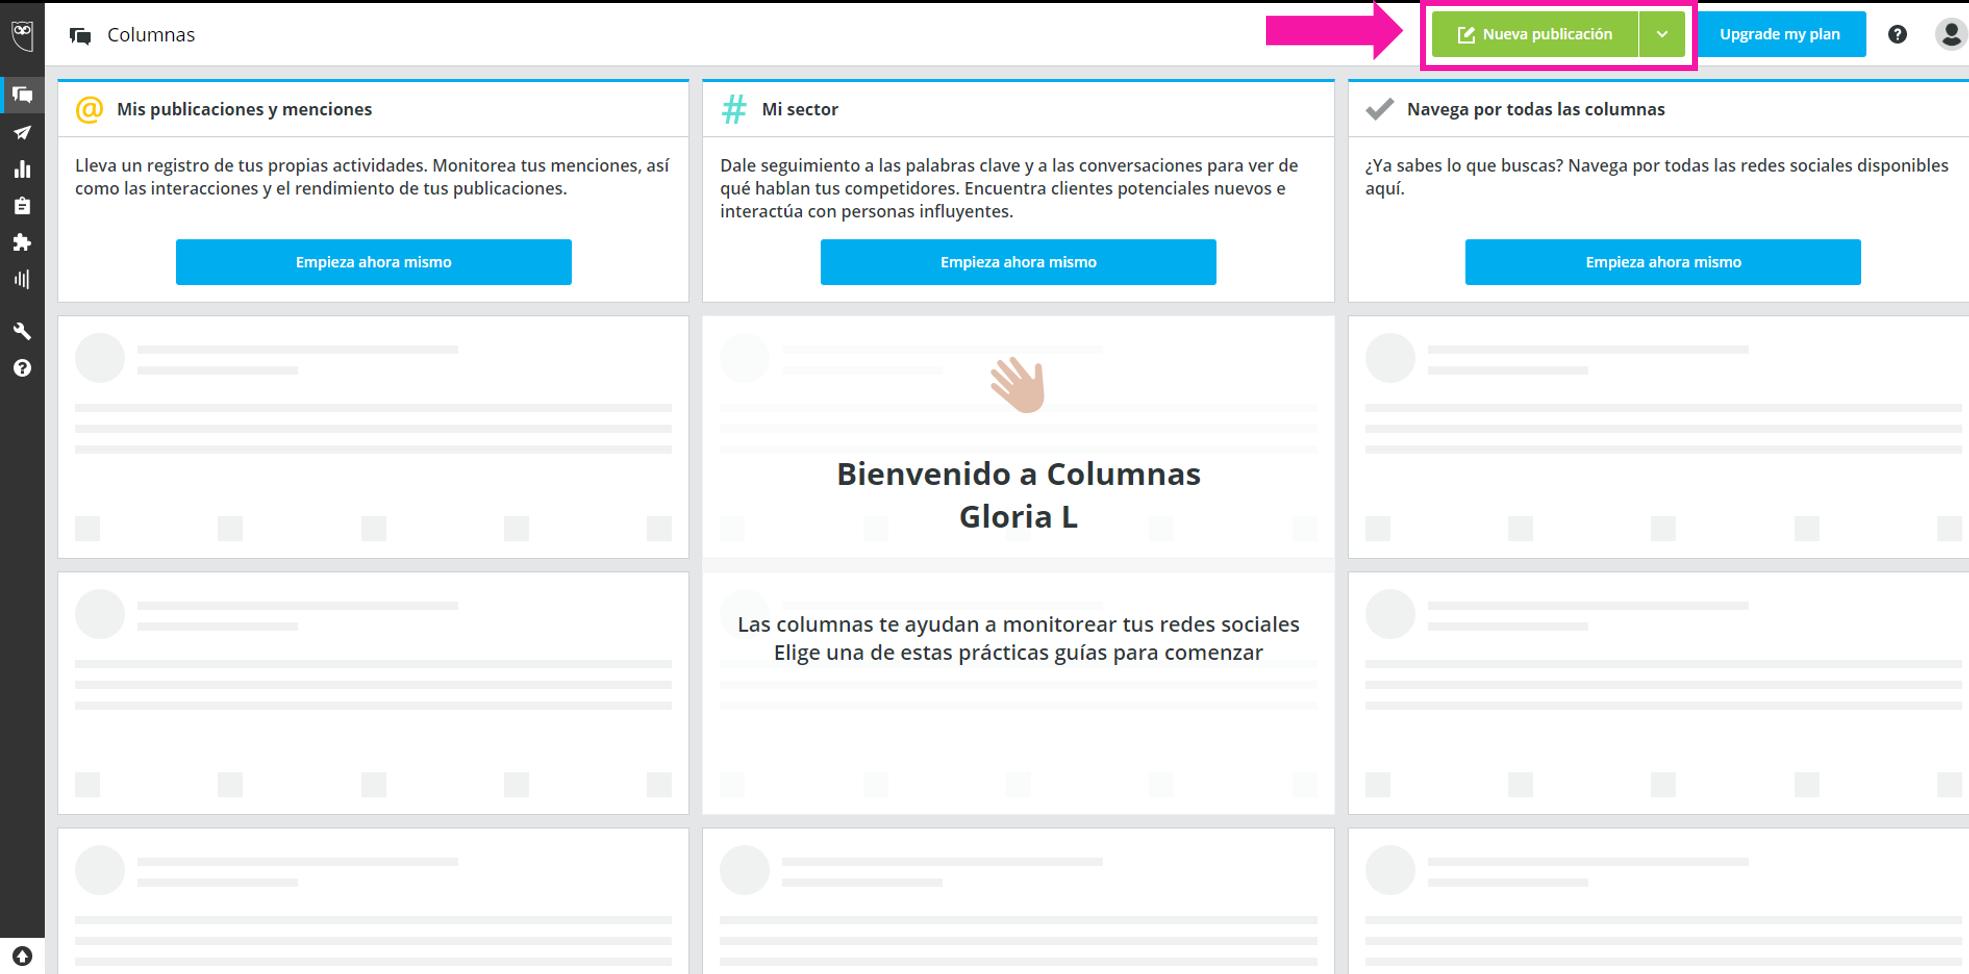 captura de pantalla mostrando el botón de nueva publicación